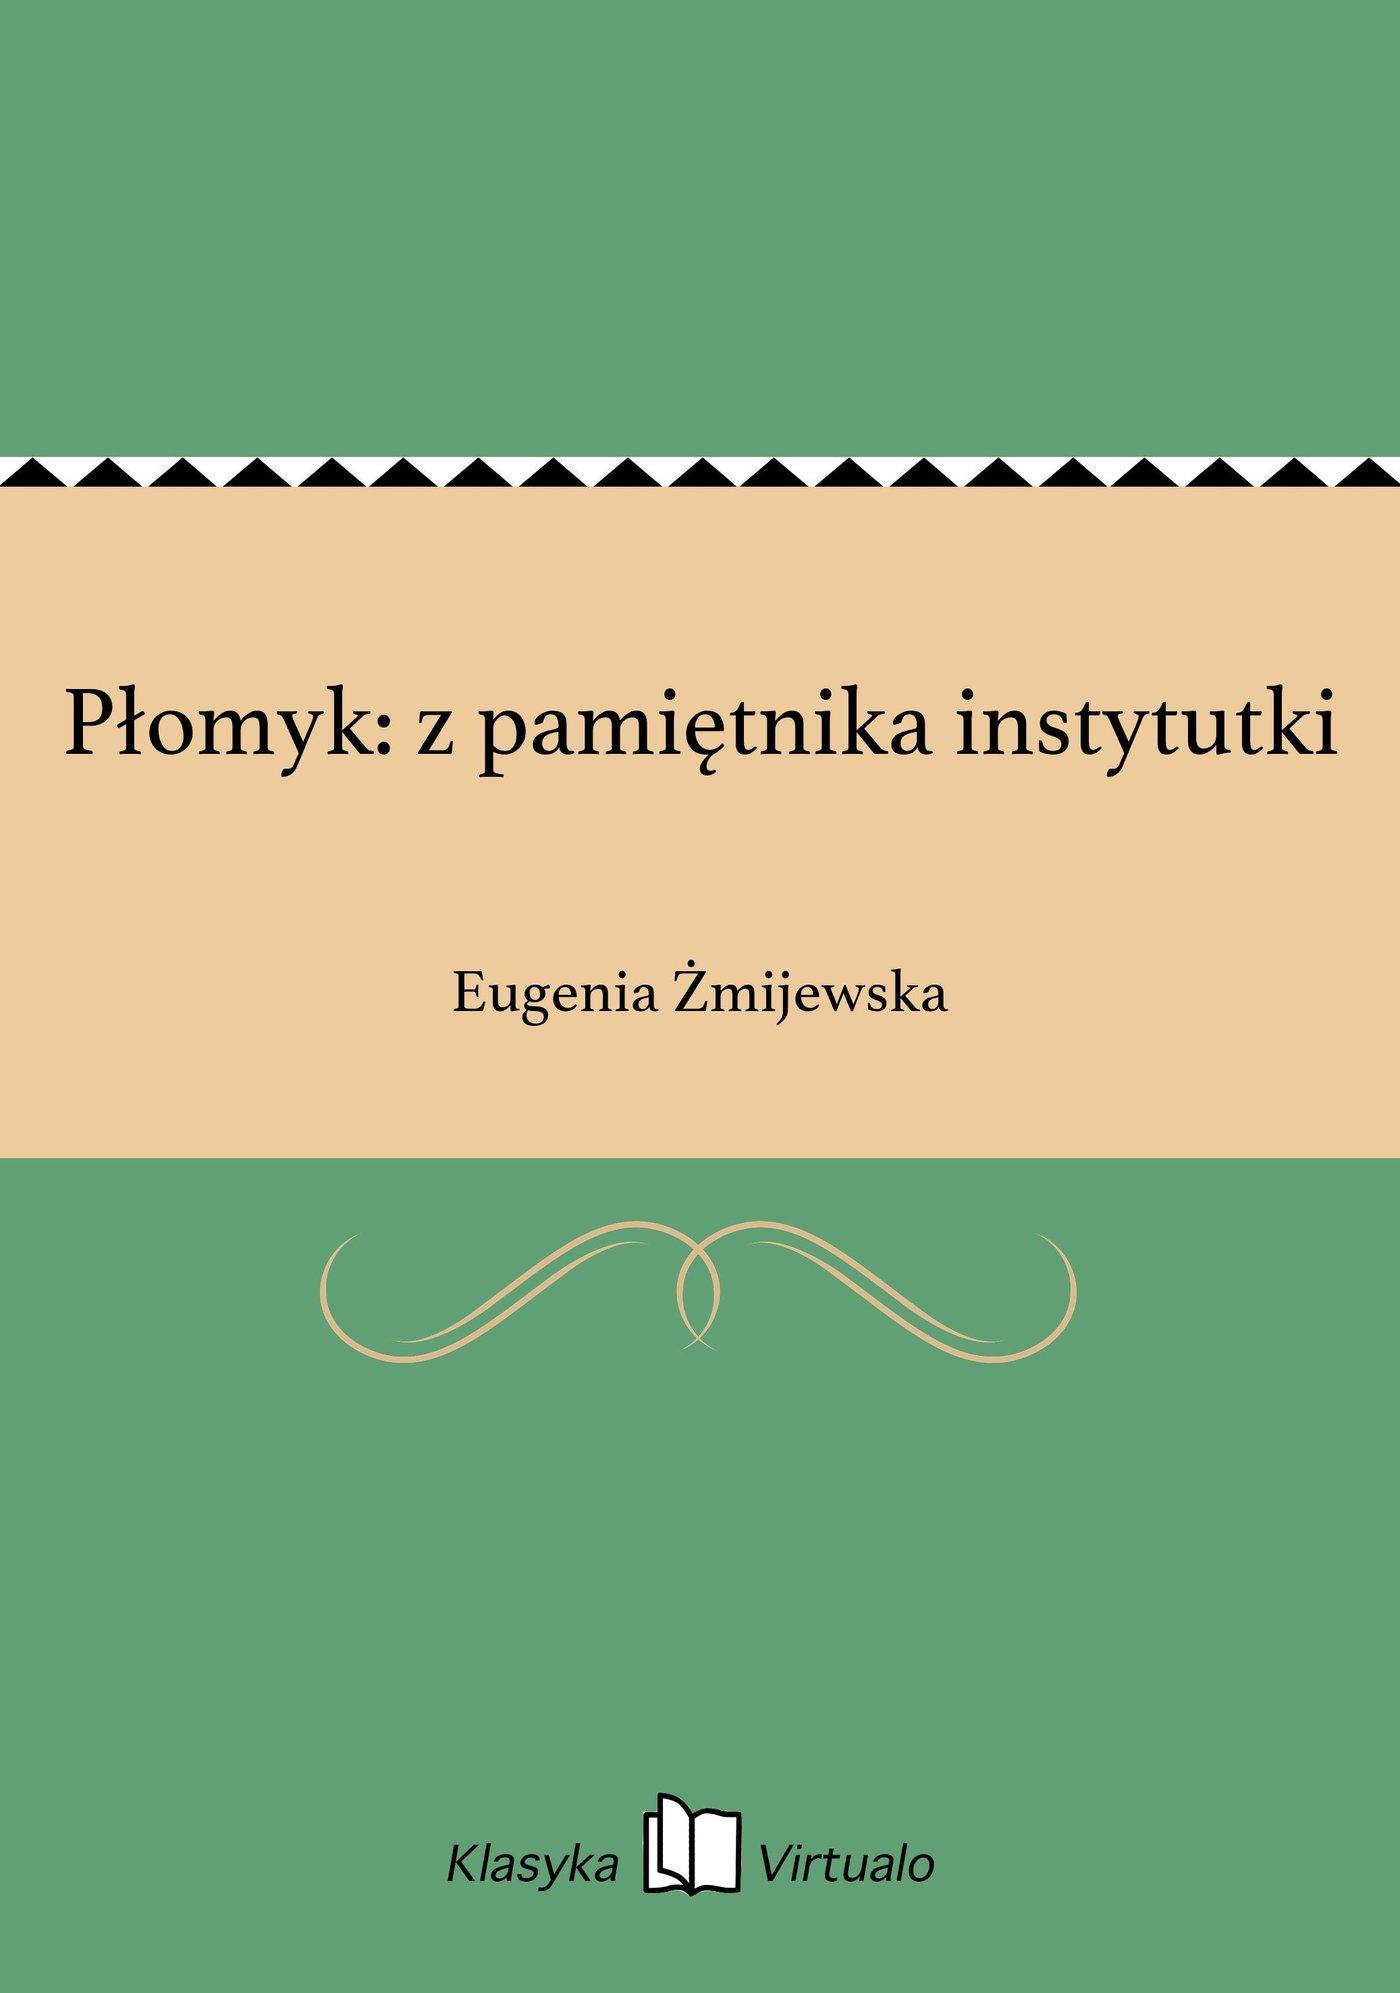 Płomyk: z pamiętnika instytutki - Ebook (Książka EPUB) do pobrania w formacie EPUB